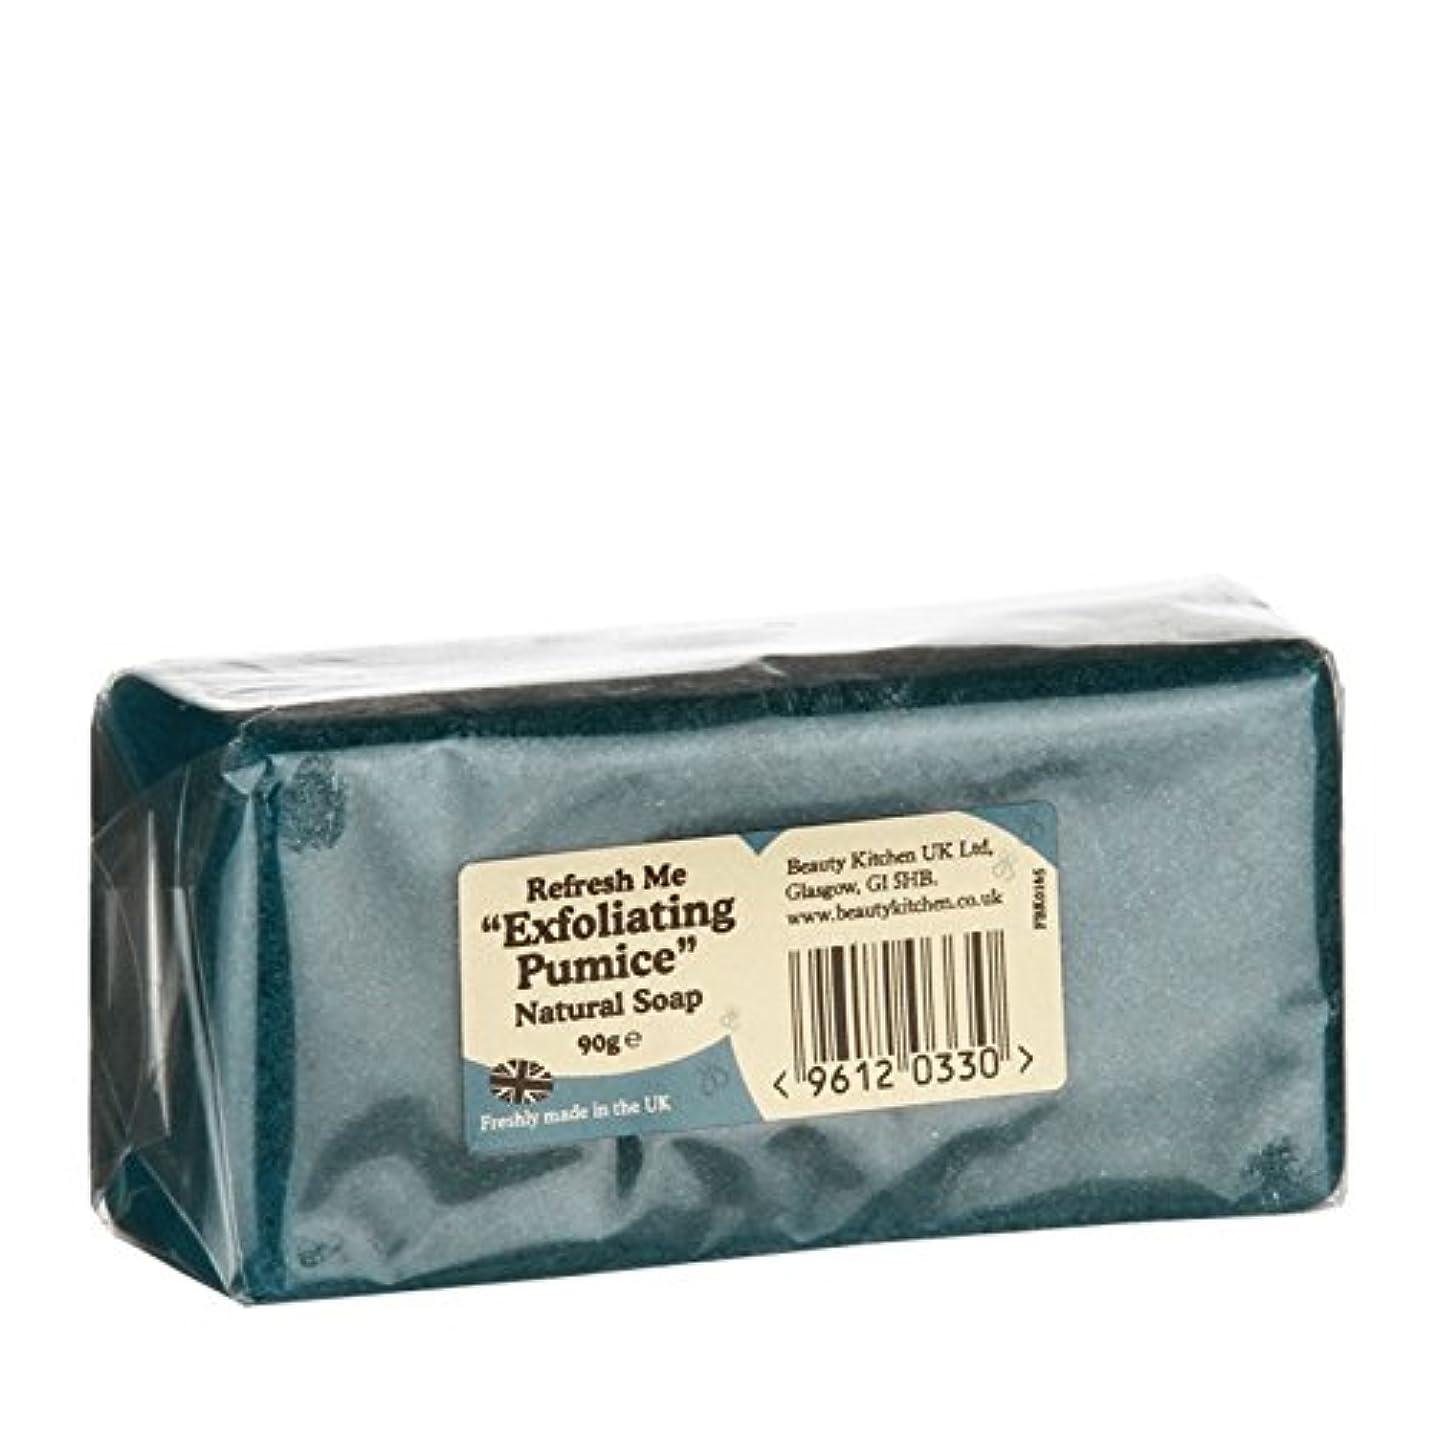 驚くばかり満州クルーズ美しさのキッチンは、軽石の天然石鹸90グラムを剥離私をリフレッシュ - Beauty Kitchen Refresh Me Exfoliating Pumice Natural Soap 90g (Beauty Kitchen...